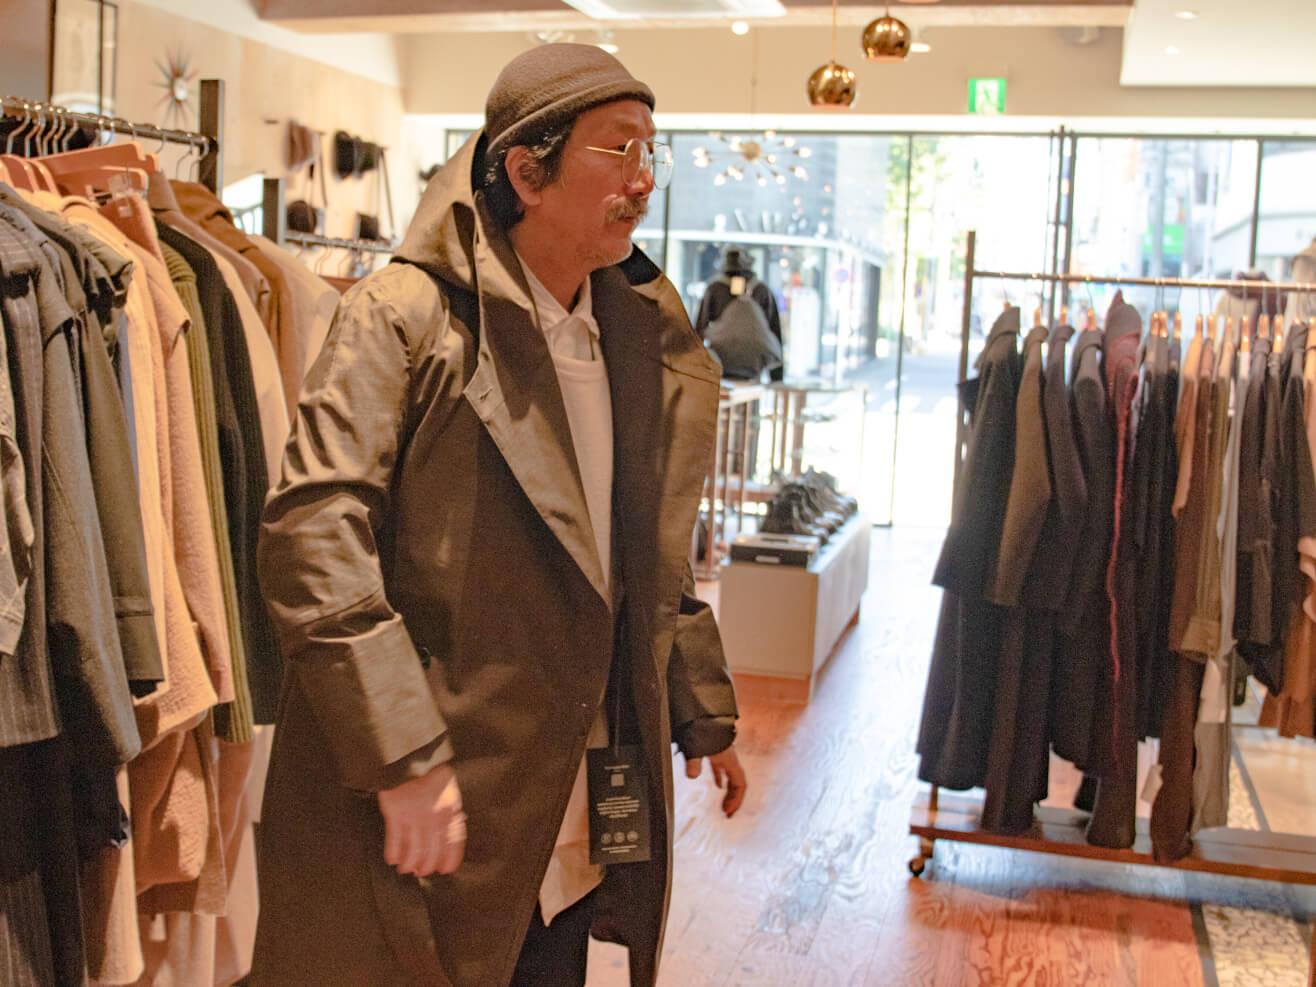 ノルウェー・ジャン・レインのコートを着ている男性の写真